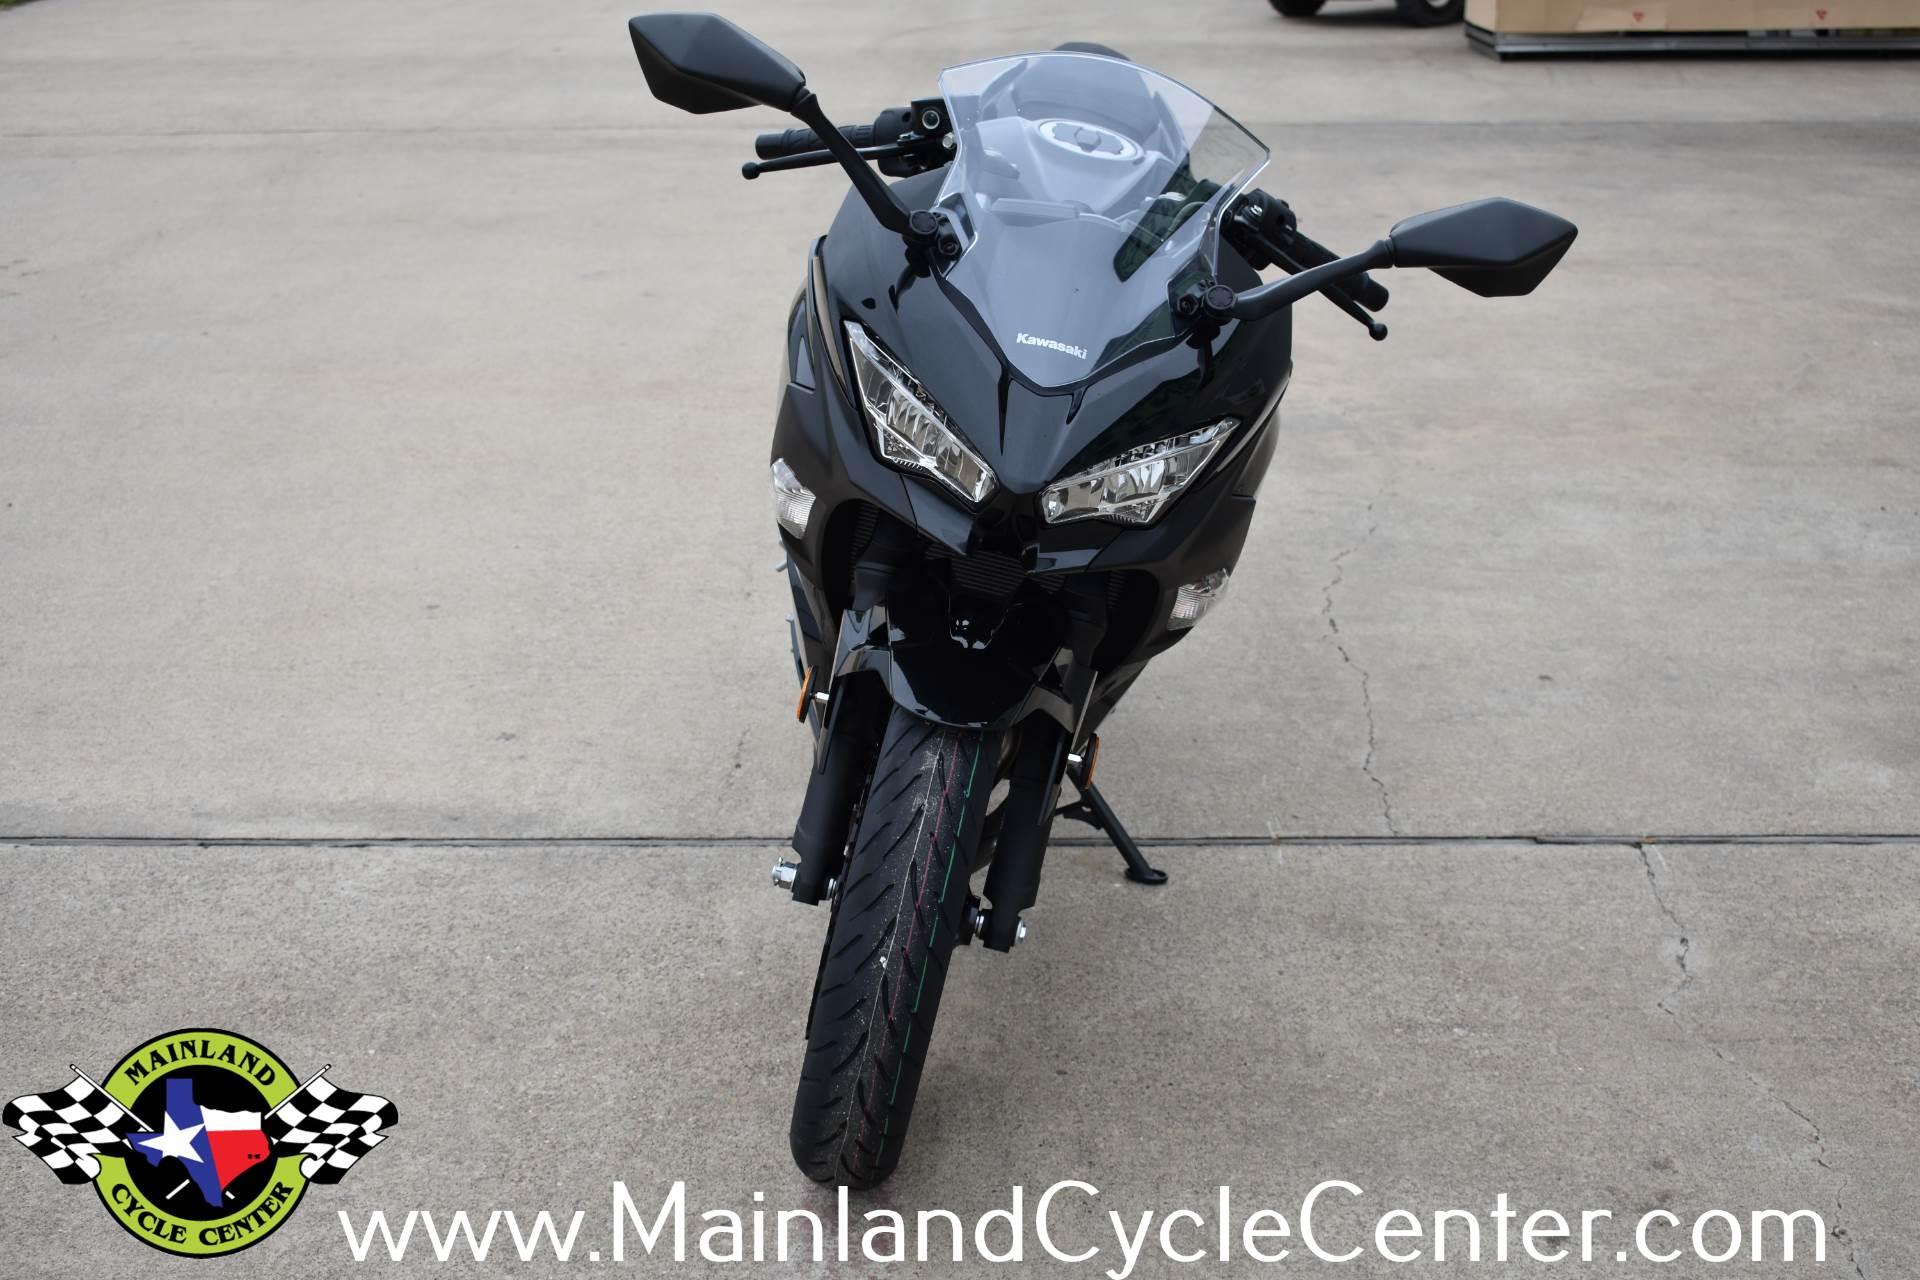 2019 Kawasaki Ninja 400 ABS 9